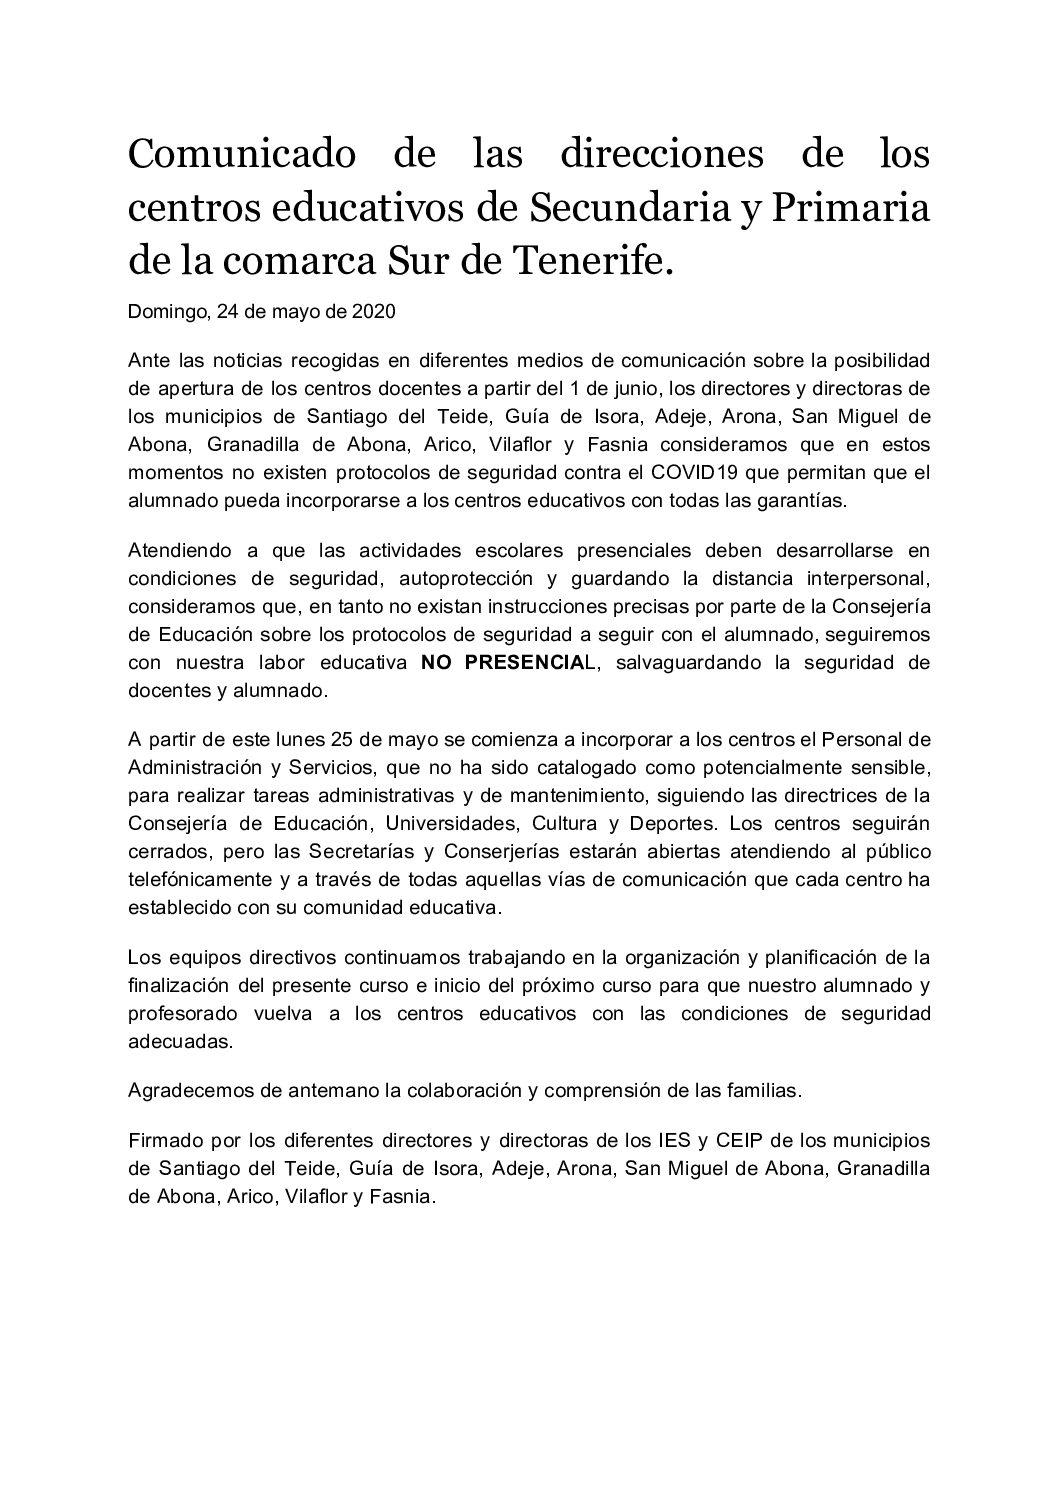 Comunicado de las direcciones de los centros educativos de Secundaria y Primaria de la comarca Sur de Tenerife.